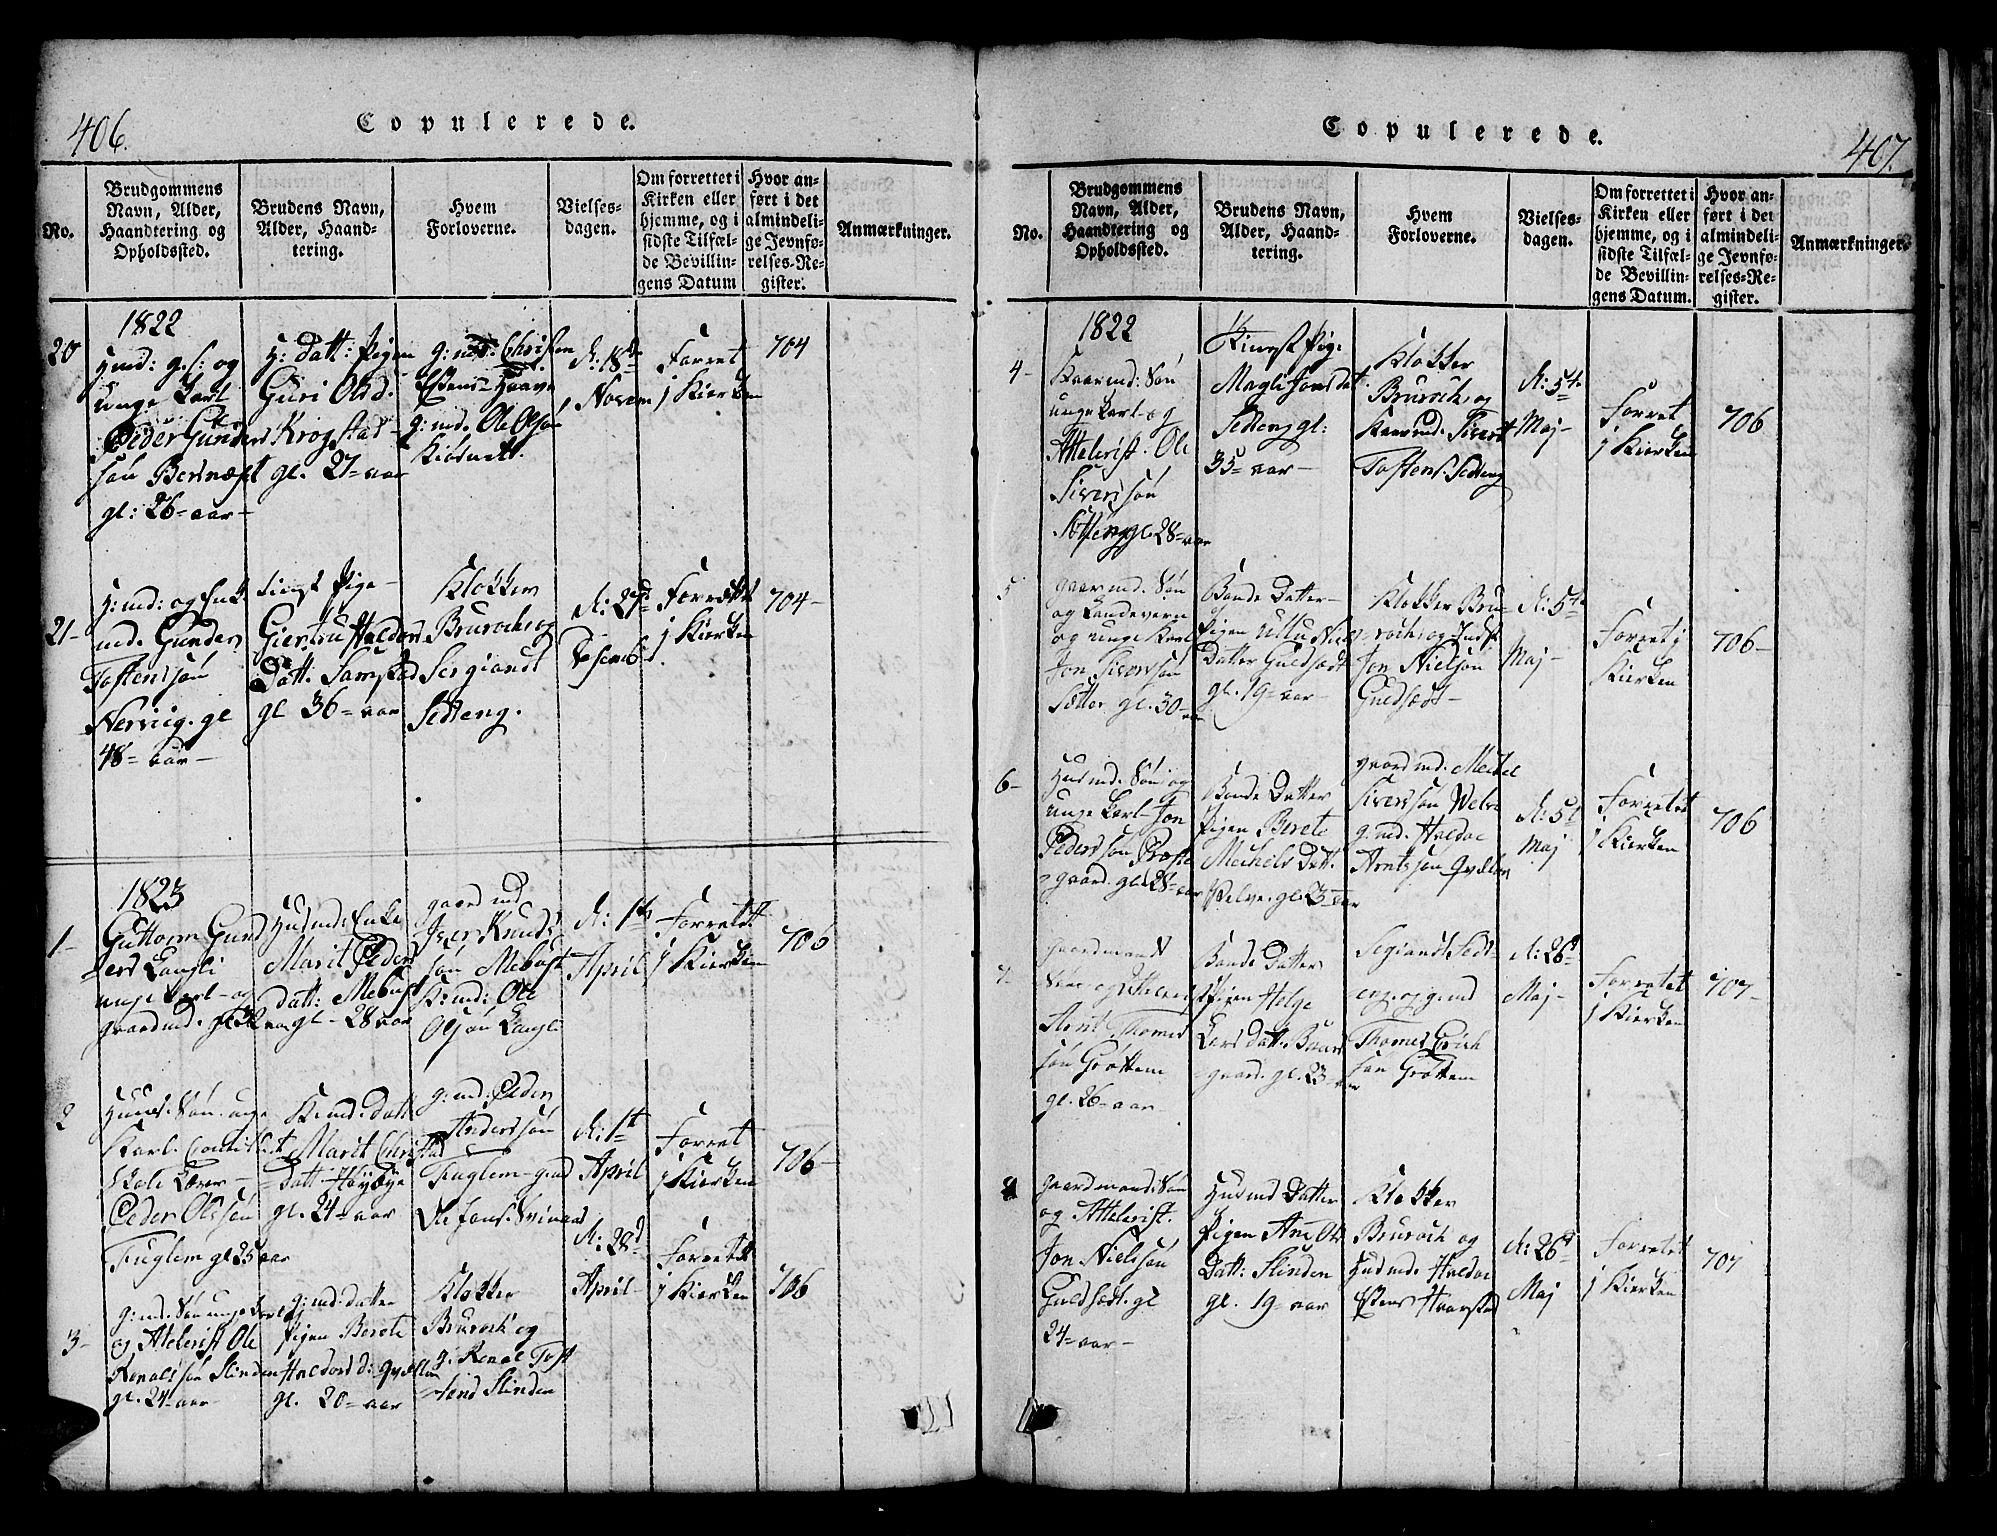 SAT, Ministerialprotokoller, klokkerbøker og fødselsregistre - Sør-Trøndelag, 695/L1152: Klokkerbok nr. 695C03, 1816-1831, s. 406-407